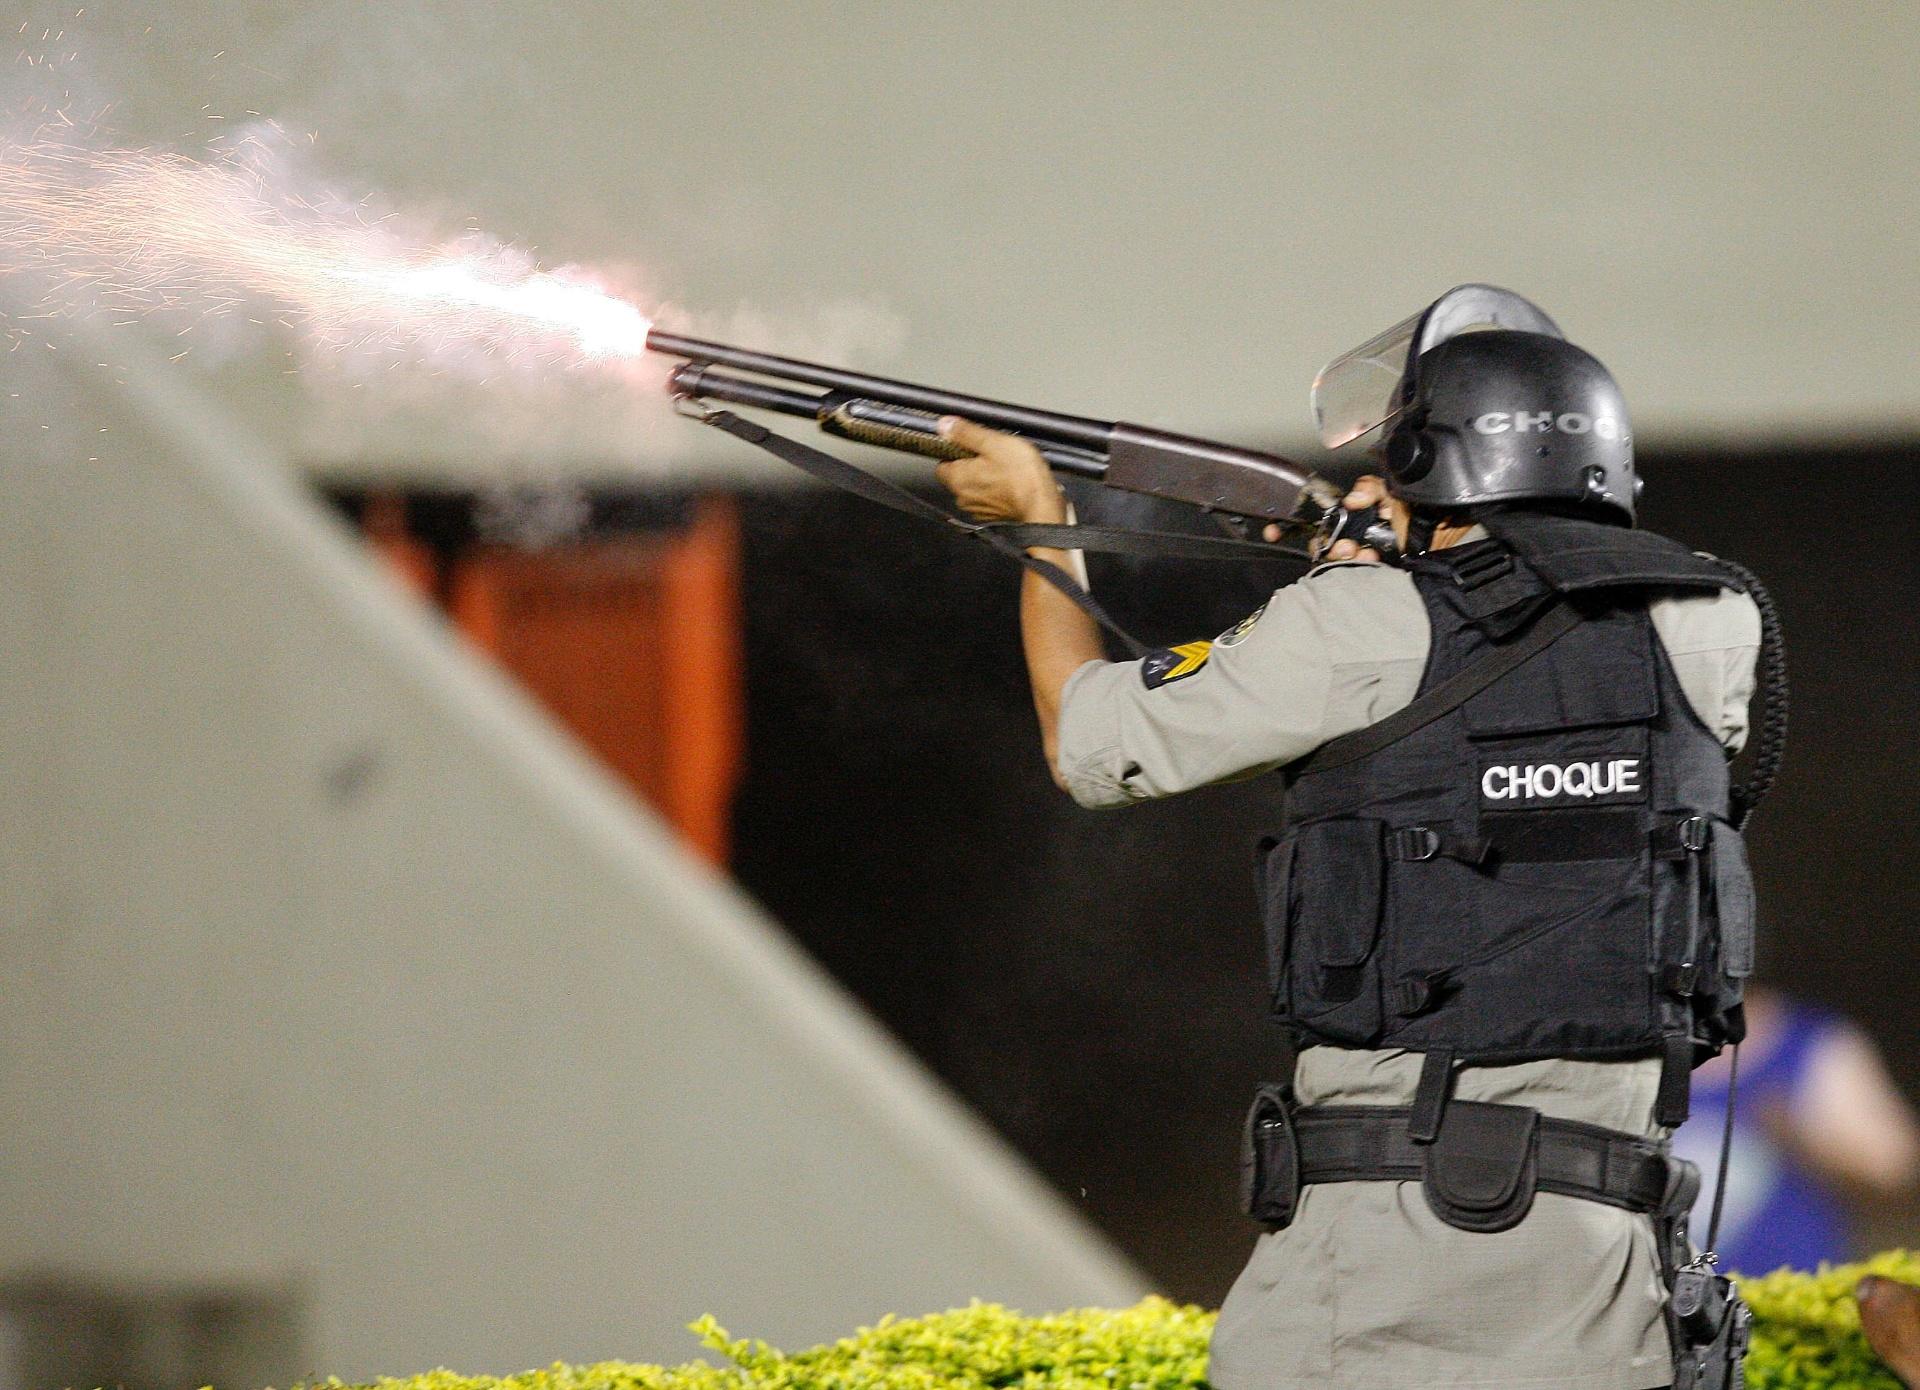 Policial atira contra os torcedores durante a confusão generalizada no jogo entre Goiás e Vila Nova, pelo Campeonato Goiano (02/05/2011)